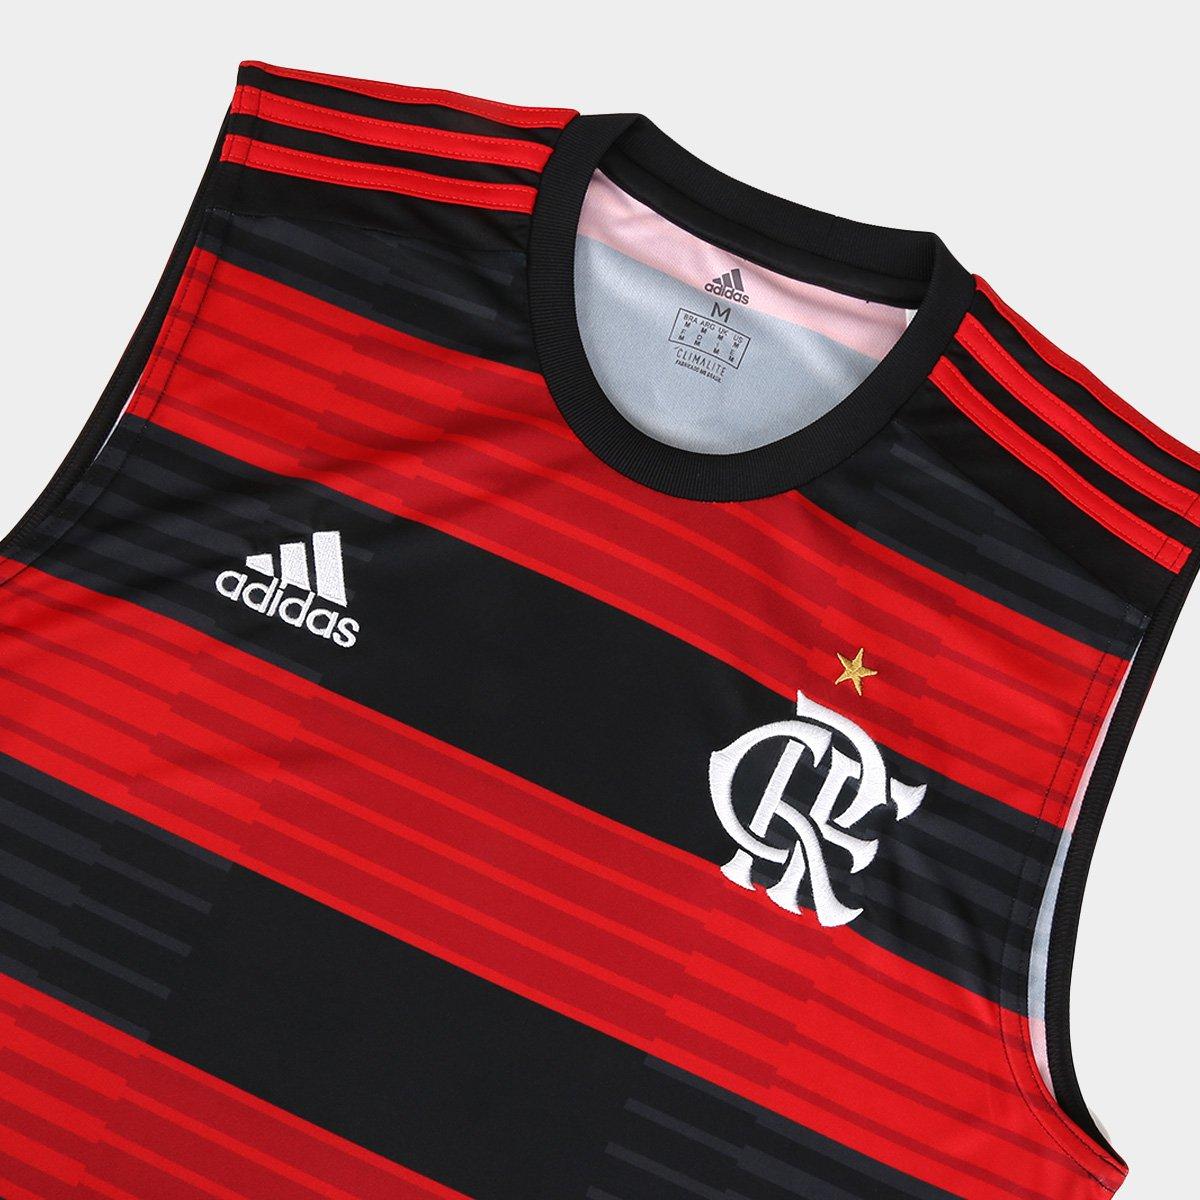 ... Regata Flamengo I 2018 Torcedor Adidas Masculina - Vermelho e Preto . 7412a131bac61